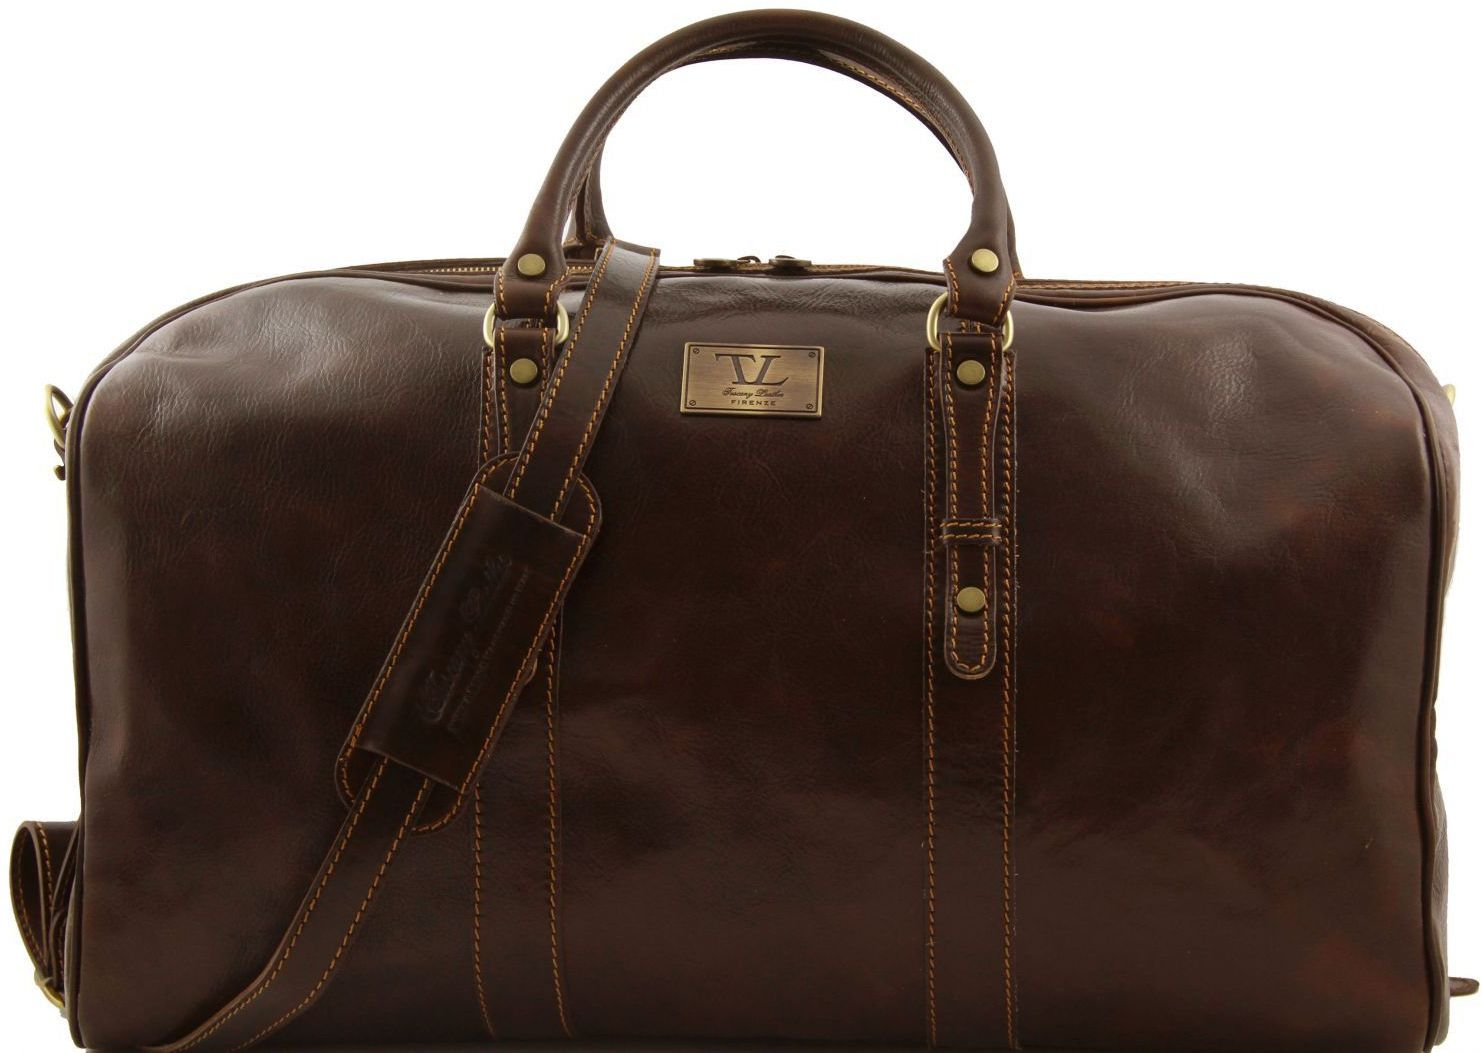 Σάκος Ταξιδίου Δερμάτινος Francoforte L Καφέ Σκούρο Tuscany Leather